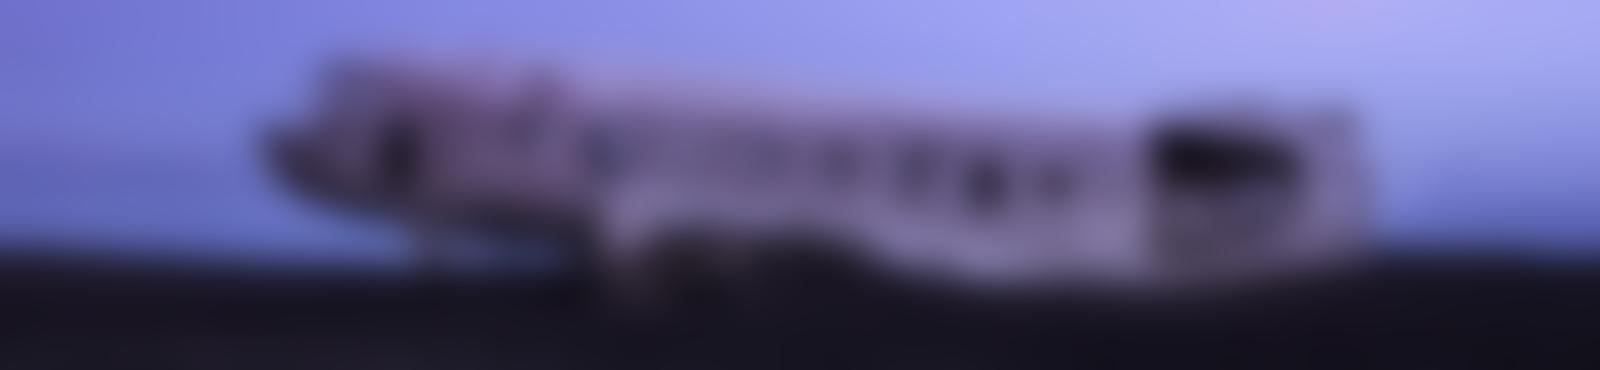 Blurred 1ac9d553 e7d6 40ba a366 564194ad4907